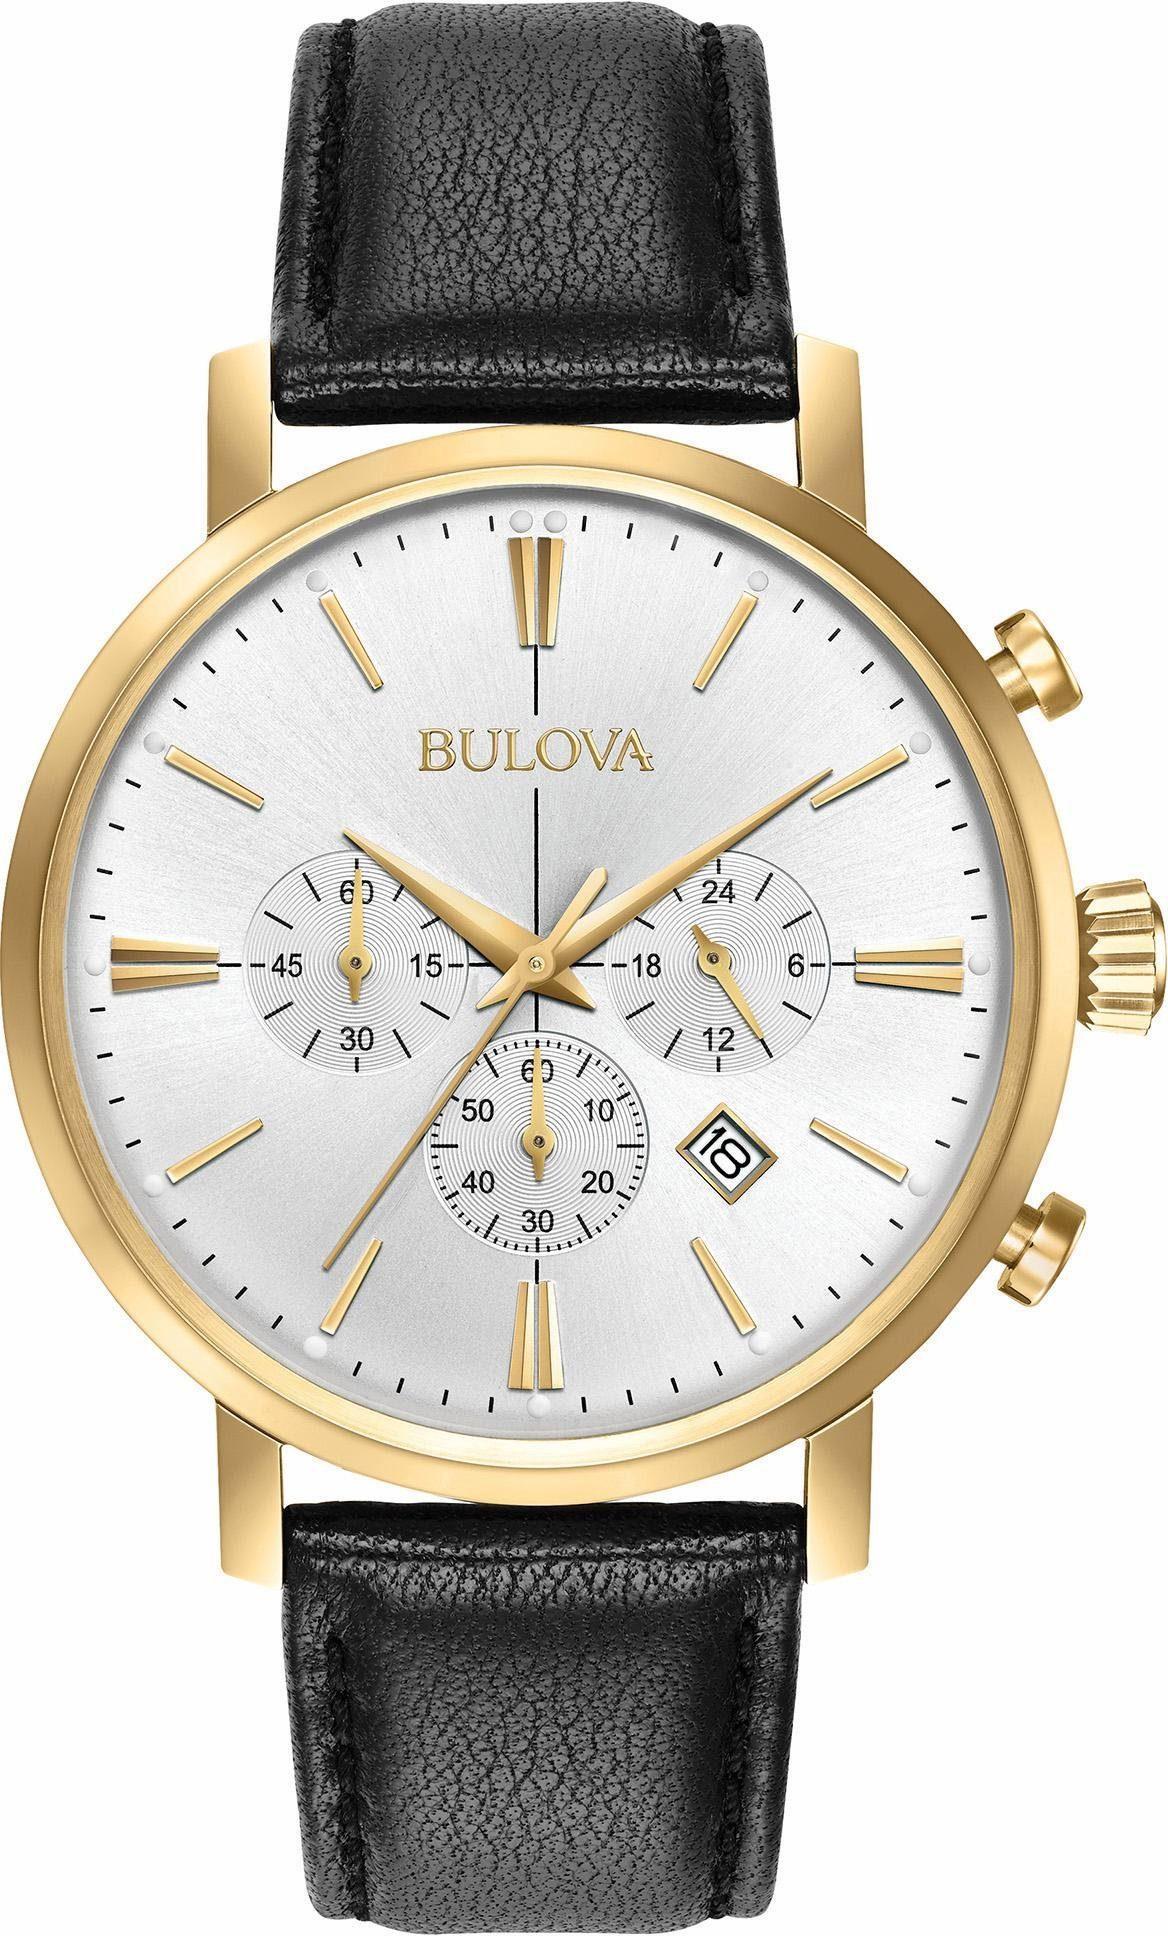 Bulova Chronograph »97B155«